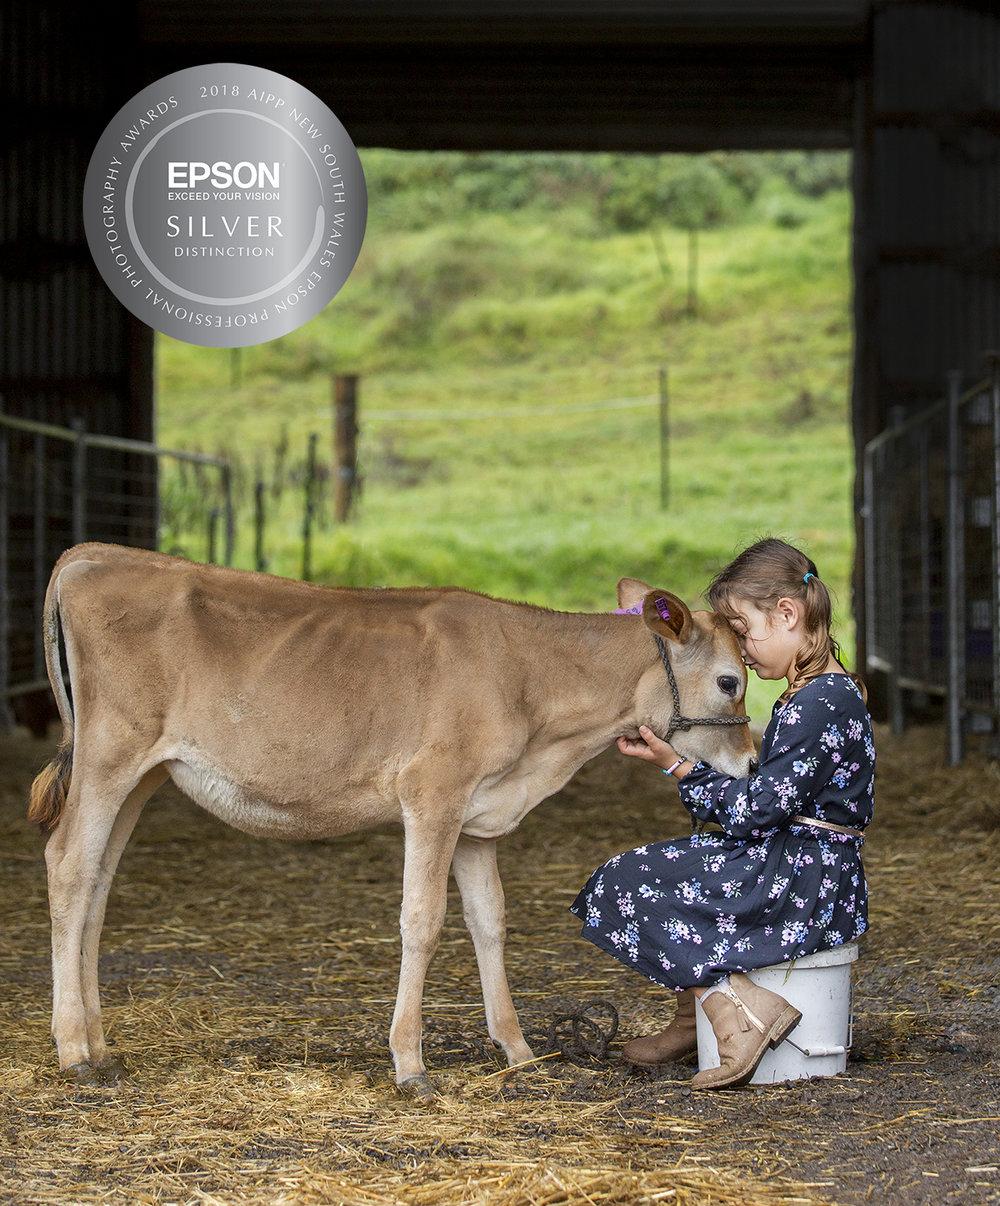 Kim Storey - Family Section - Silver Distinction Award